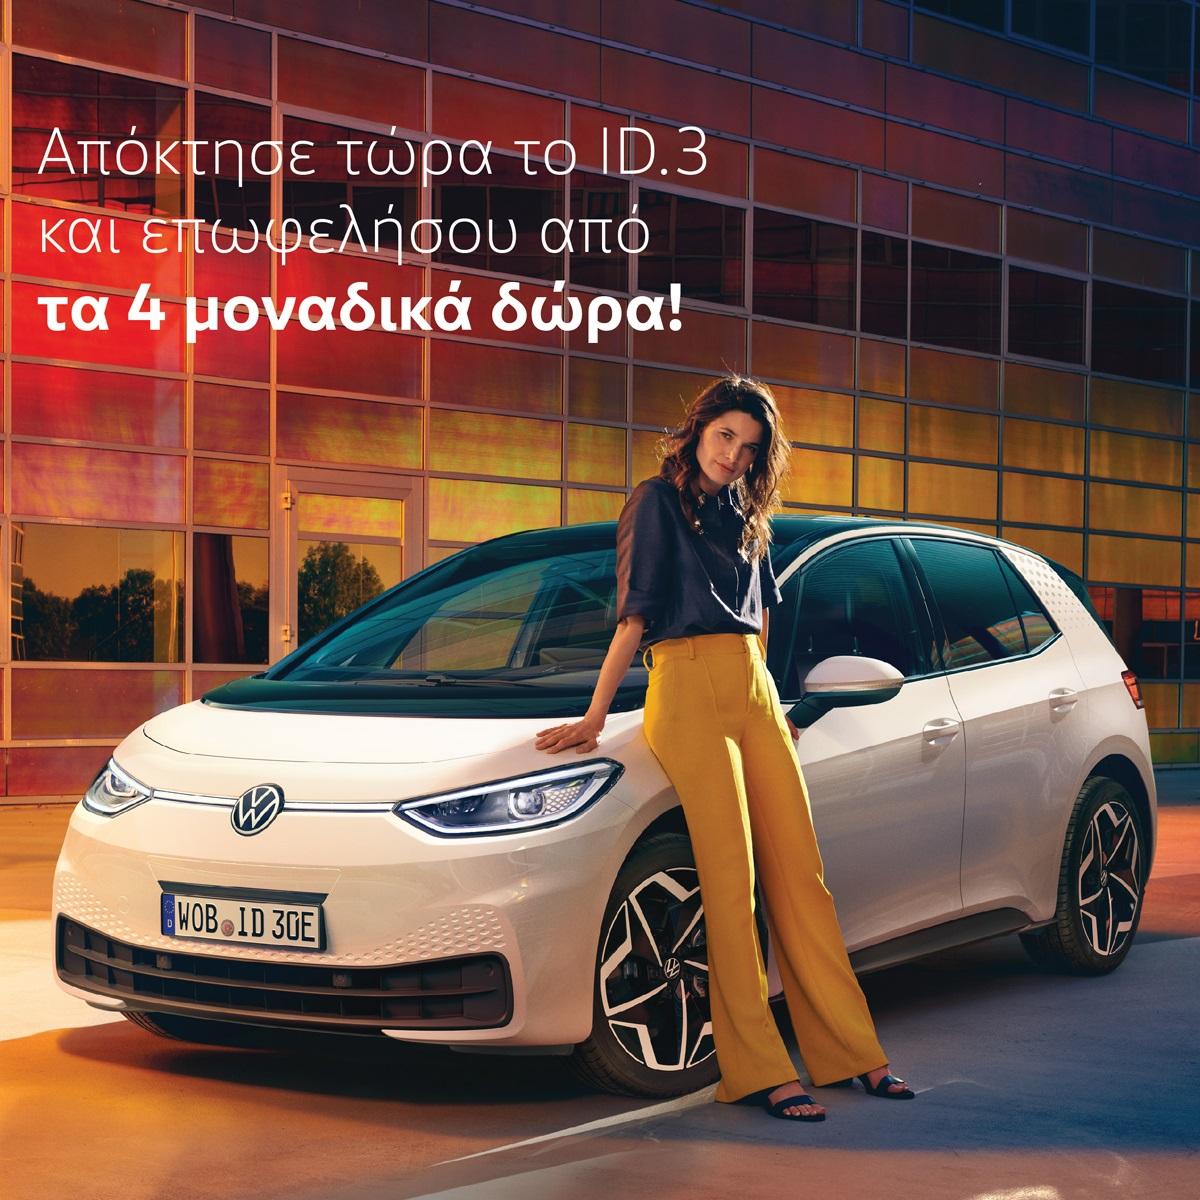 Προσφορά Volkswagen ID.3 - Αφοι Φιλοσίδη